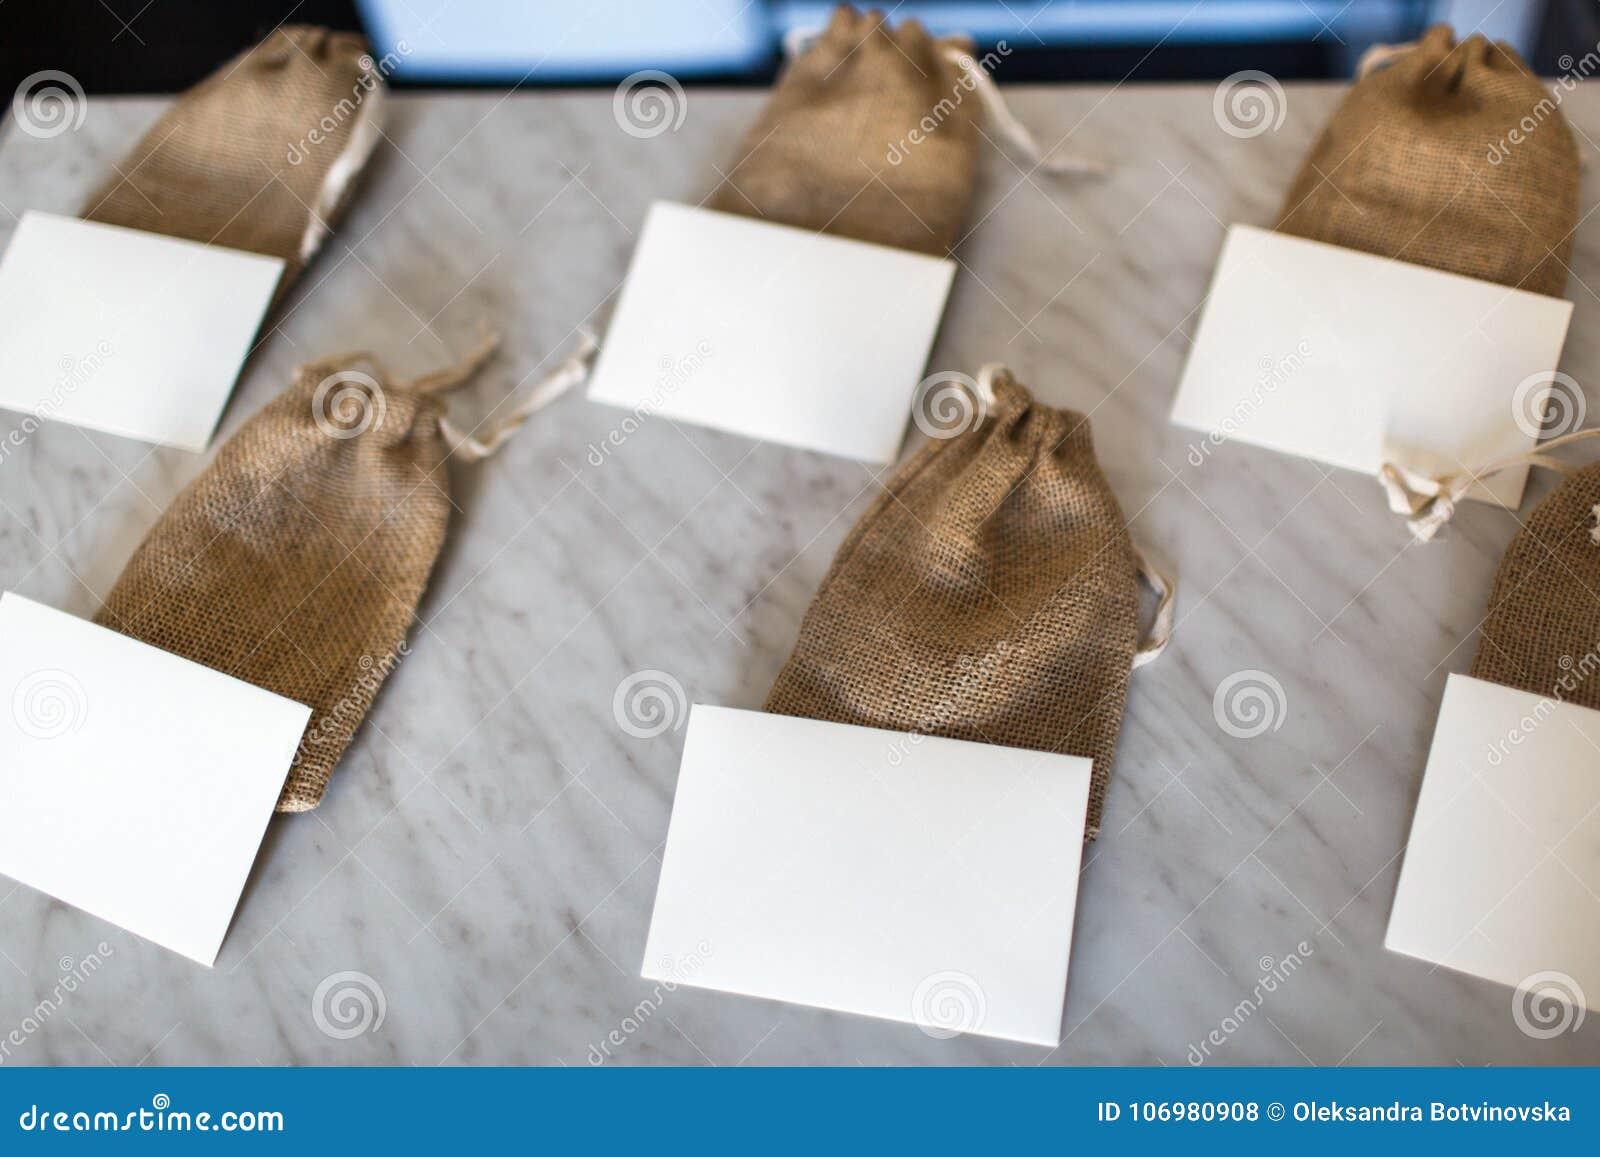 Много малых коричневых сумок ткани и белых карточек